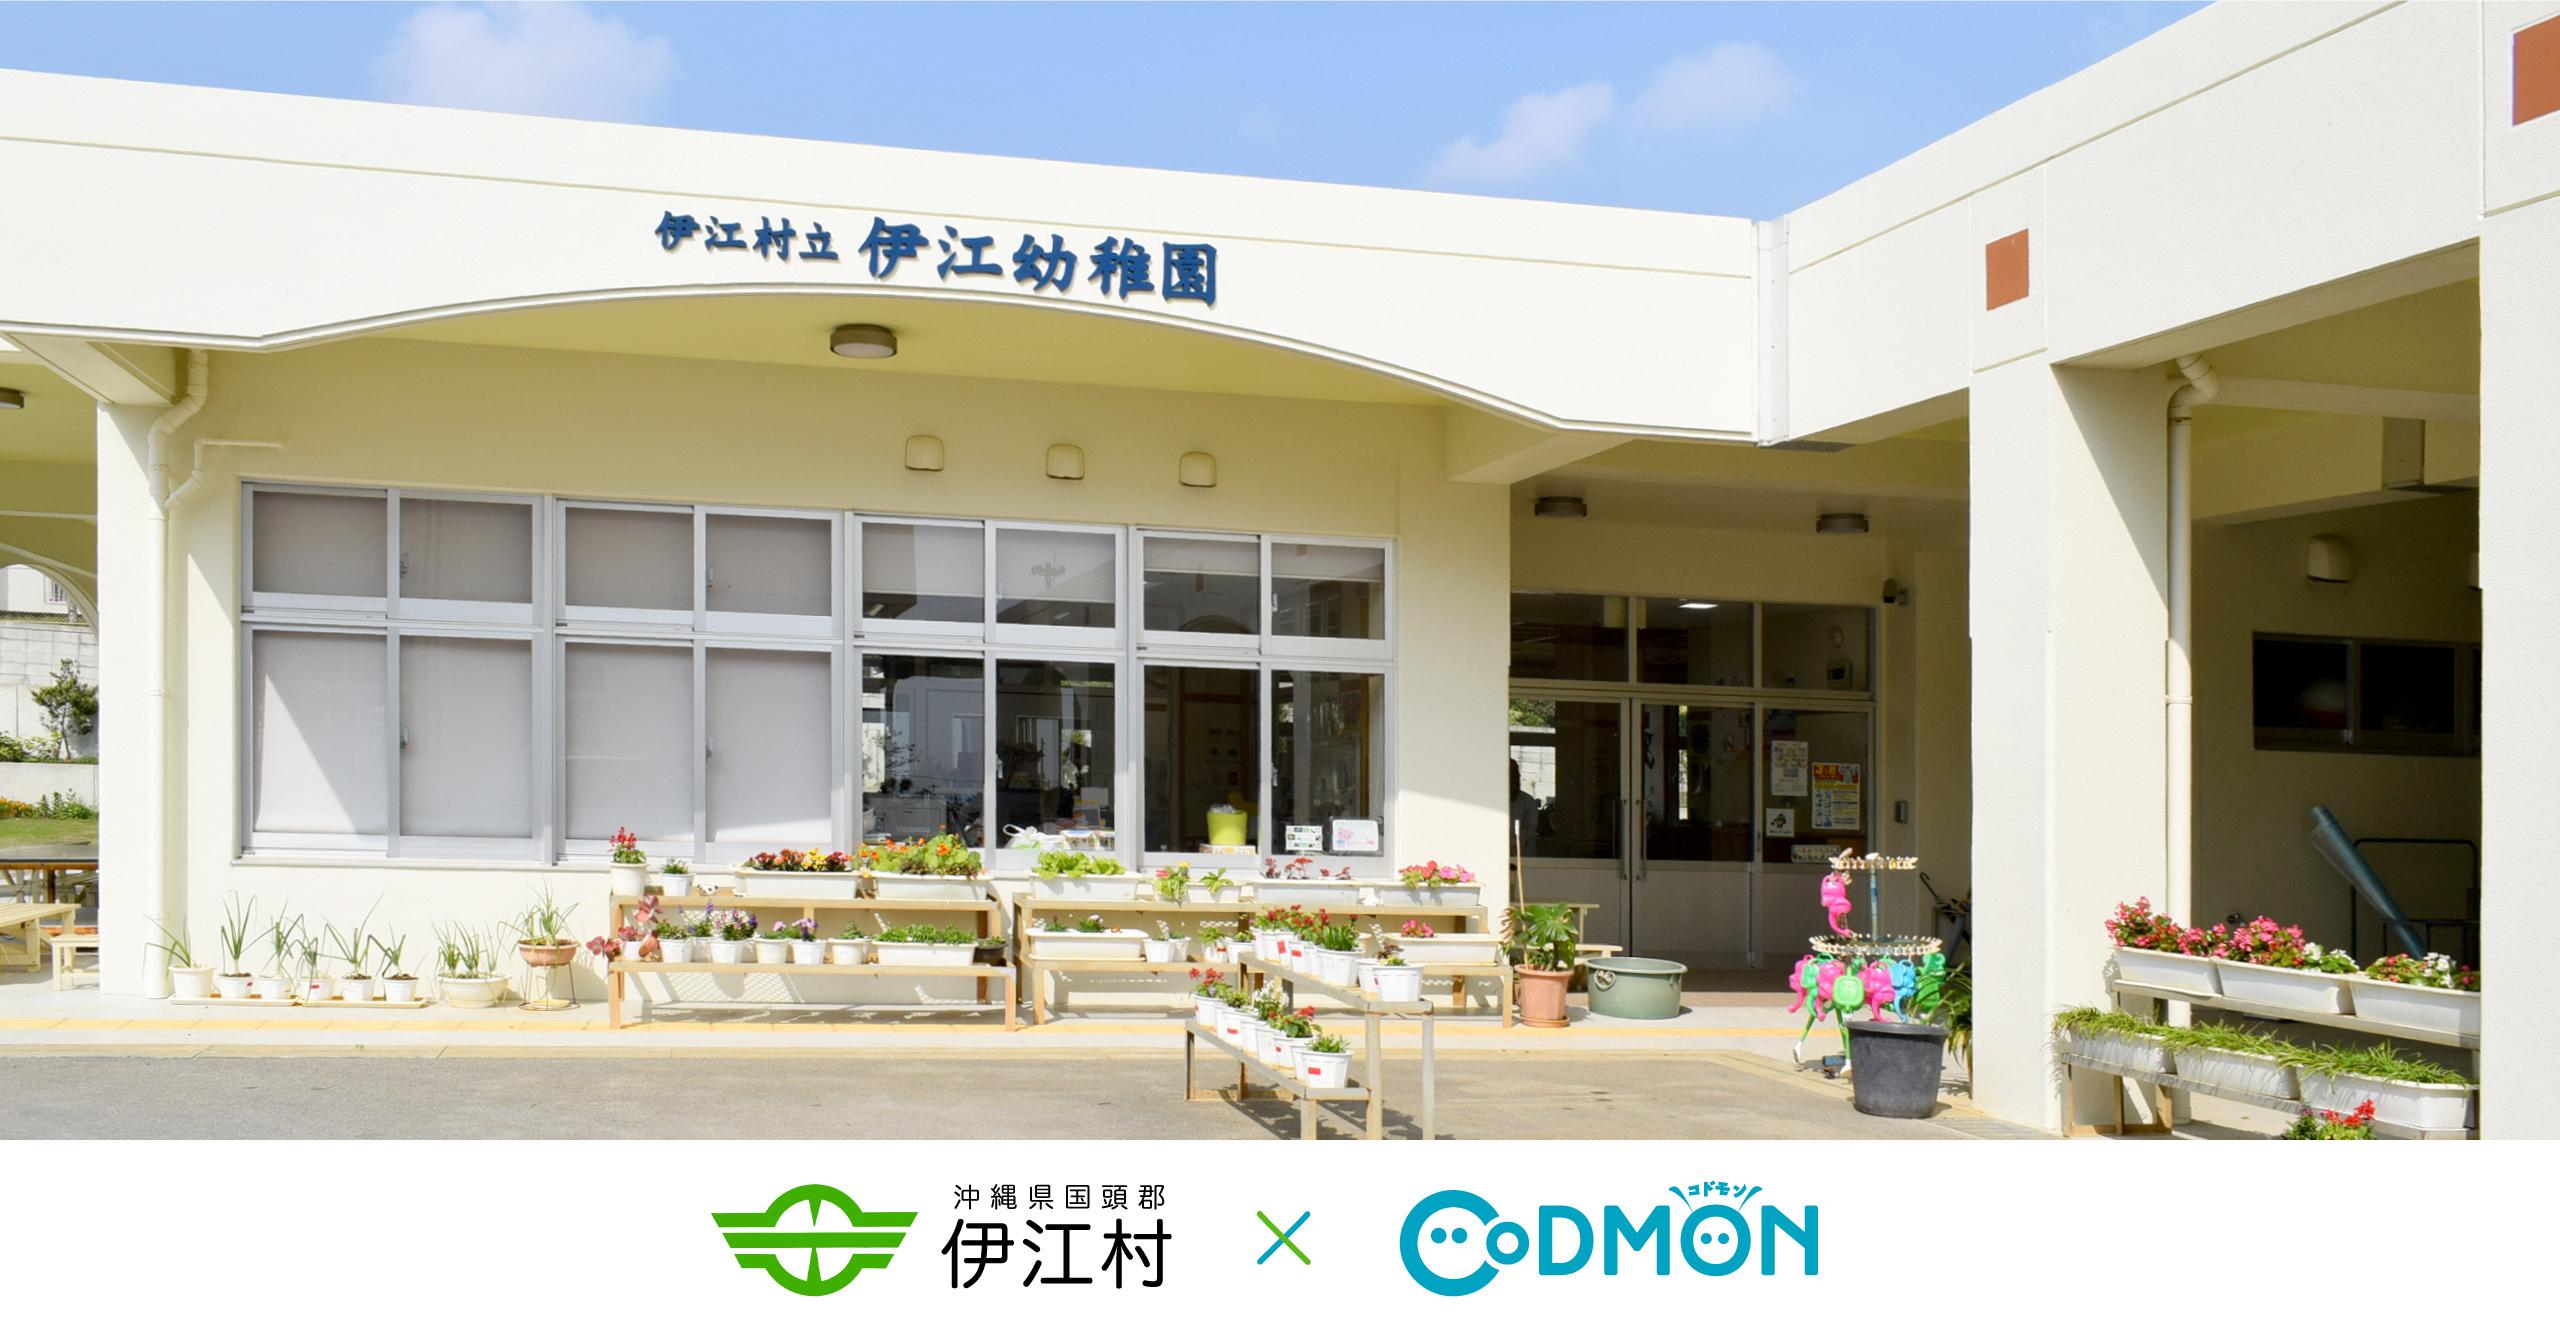 コドモン、沖縄県国頭郡伊江村の幼稚園において 保育ICTシステム「CoDMON」導入